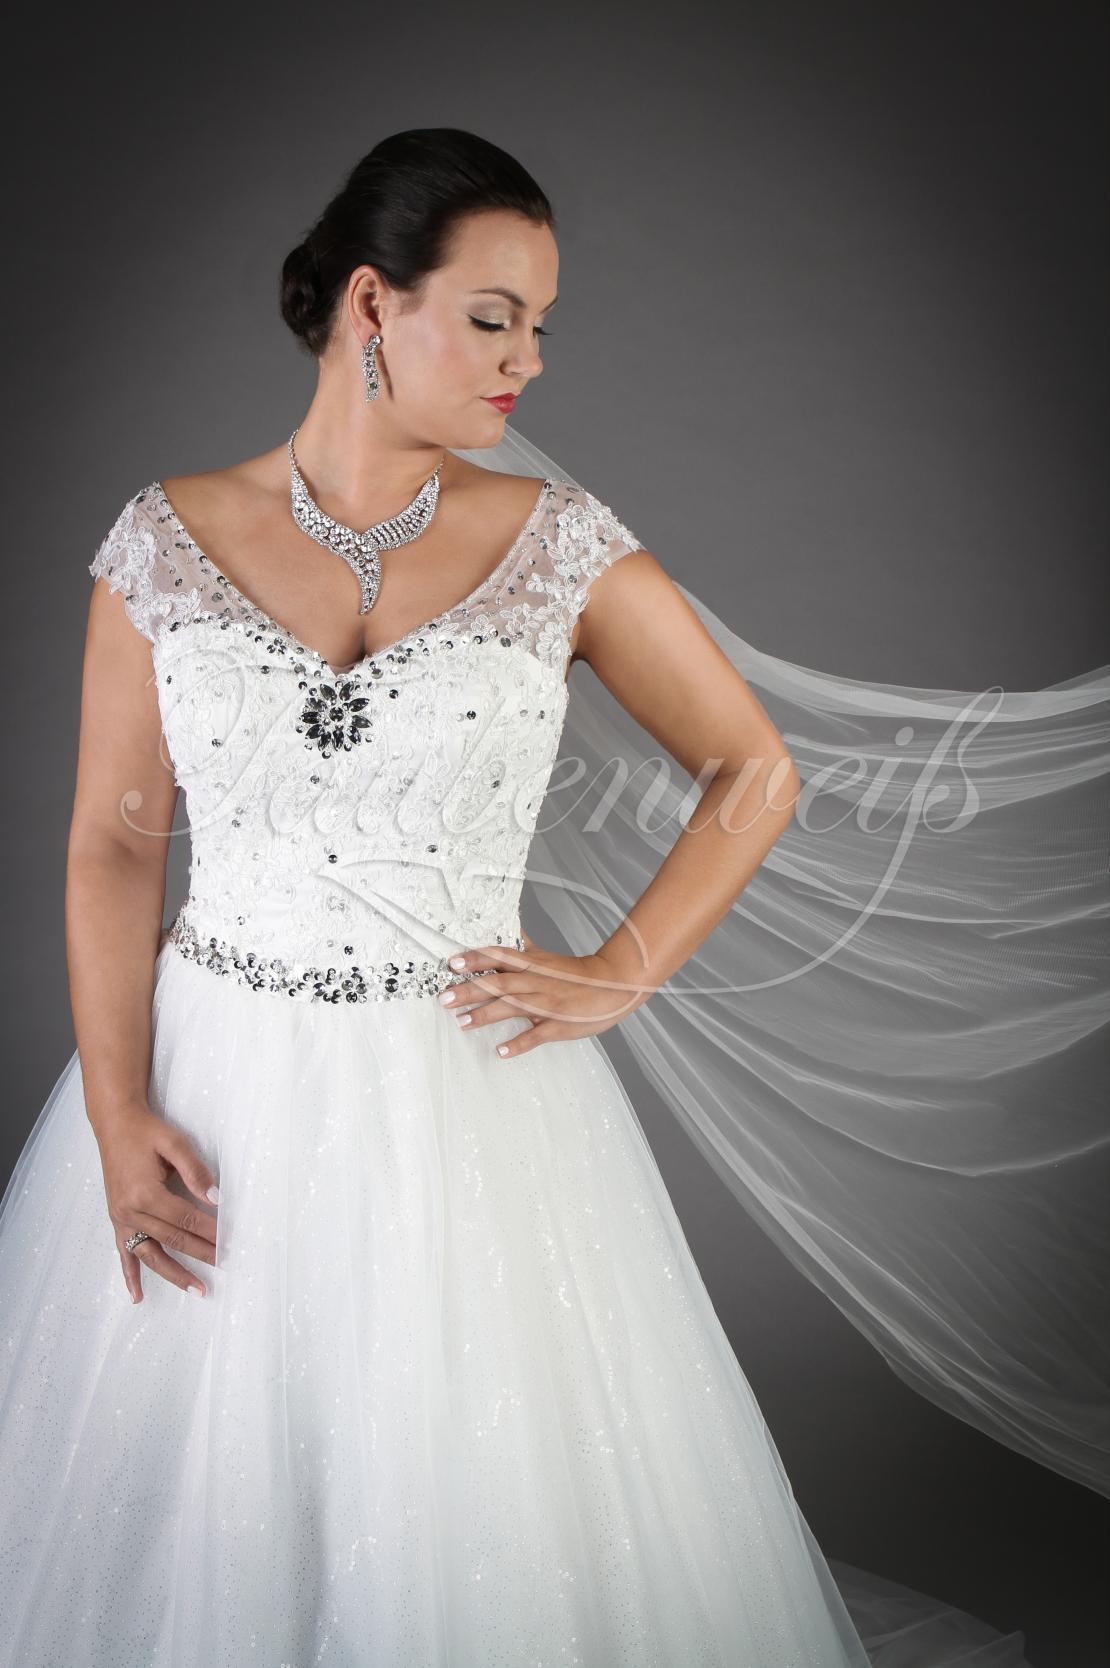 Fein Jamaikanisch Brautkleid Bilder - Brautkleider Ideen - cashingy.info